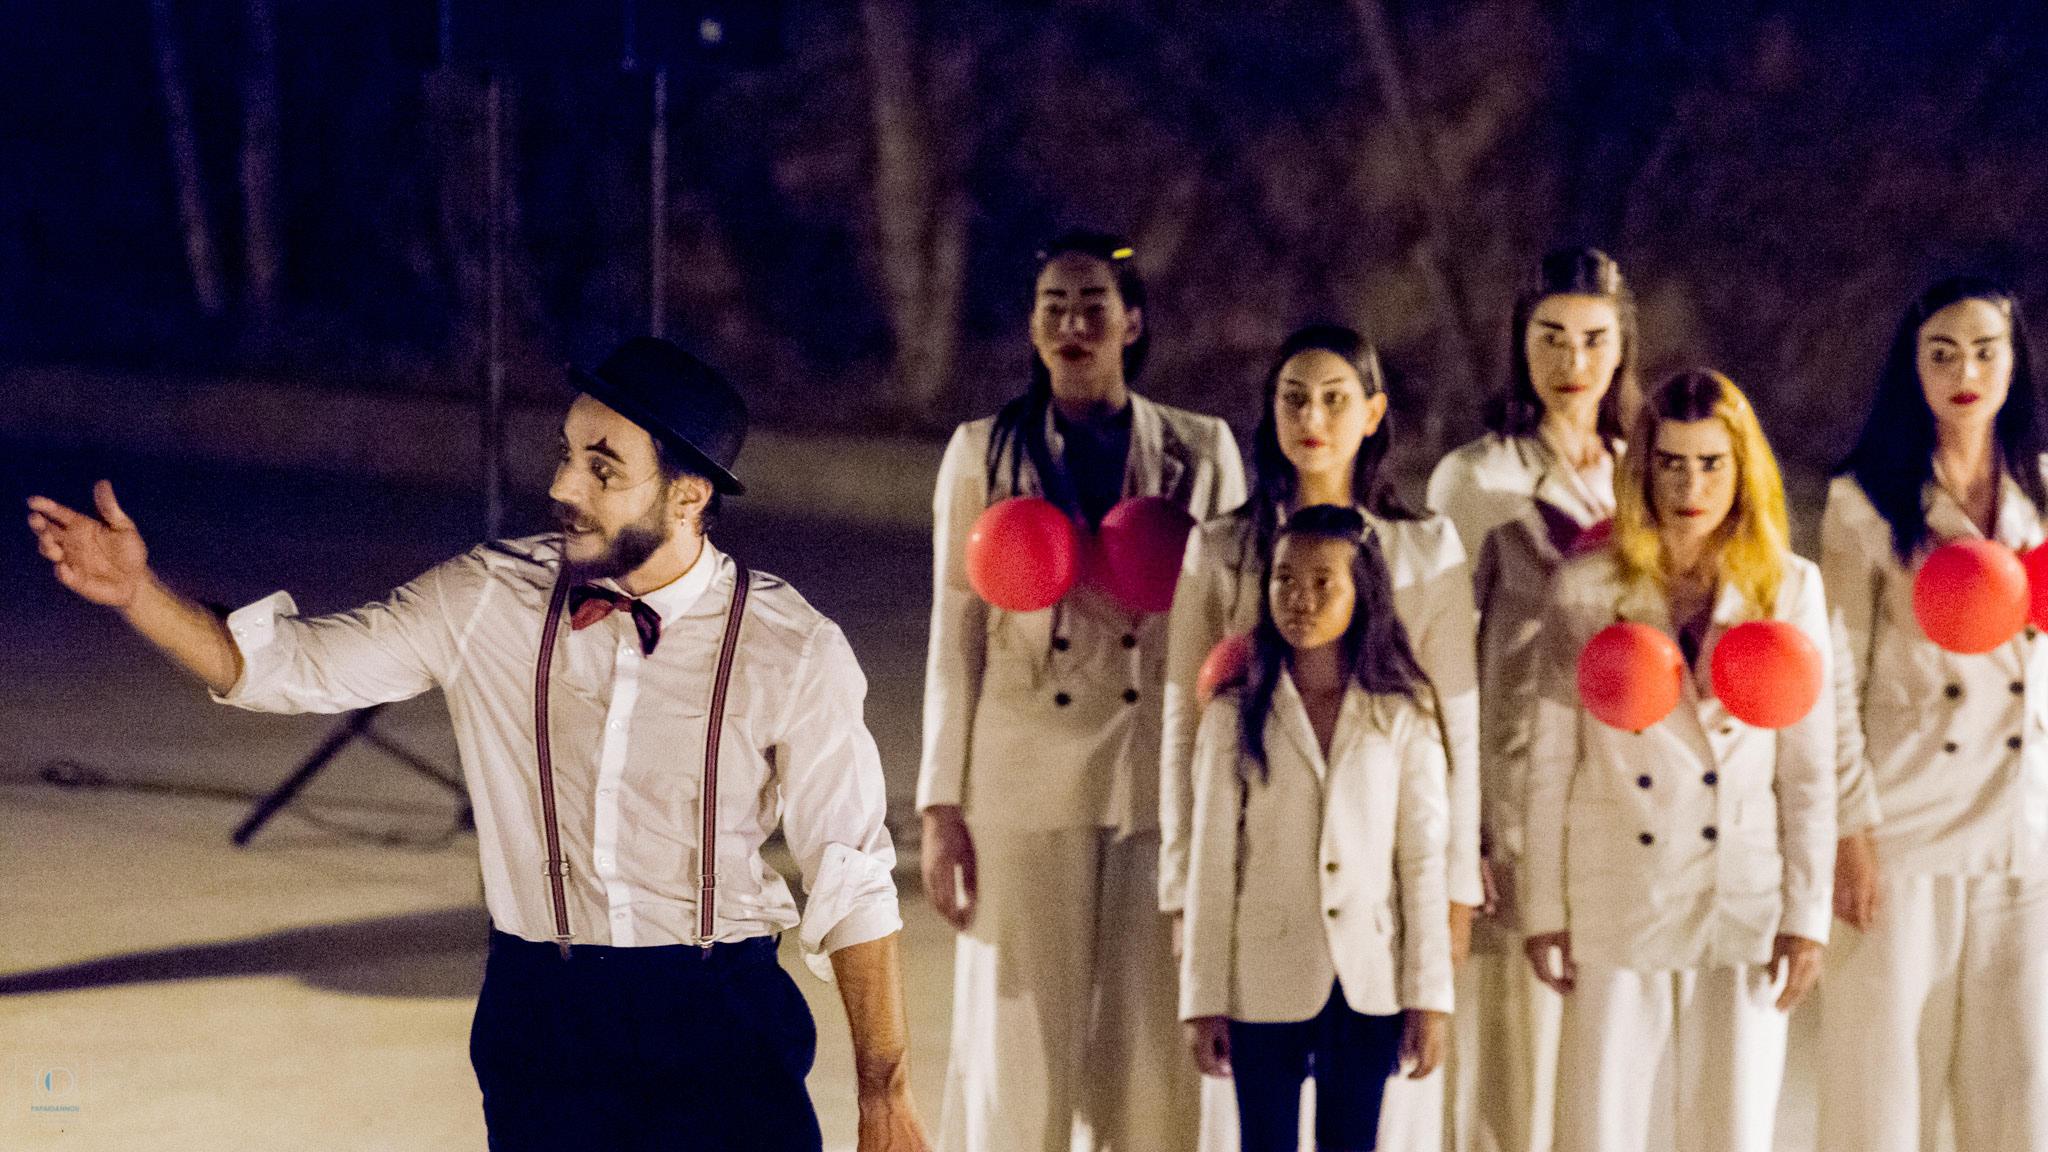 Διεθνές Φεστιβάλ Τεχνών Αρχαίας Ολυμπίας: Συνάρπασαν το κοινό οι «Βάκχες» από το ΔΗ.ΠΕ.ΘΕ. Κοζάνης σε σκηνοθεσία Χρήστου Σουγάρη (photos)